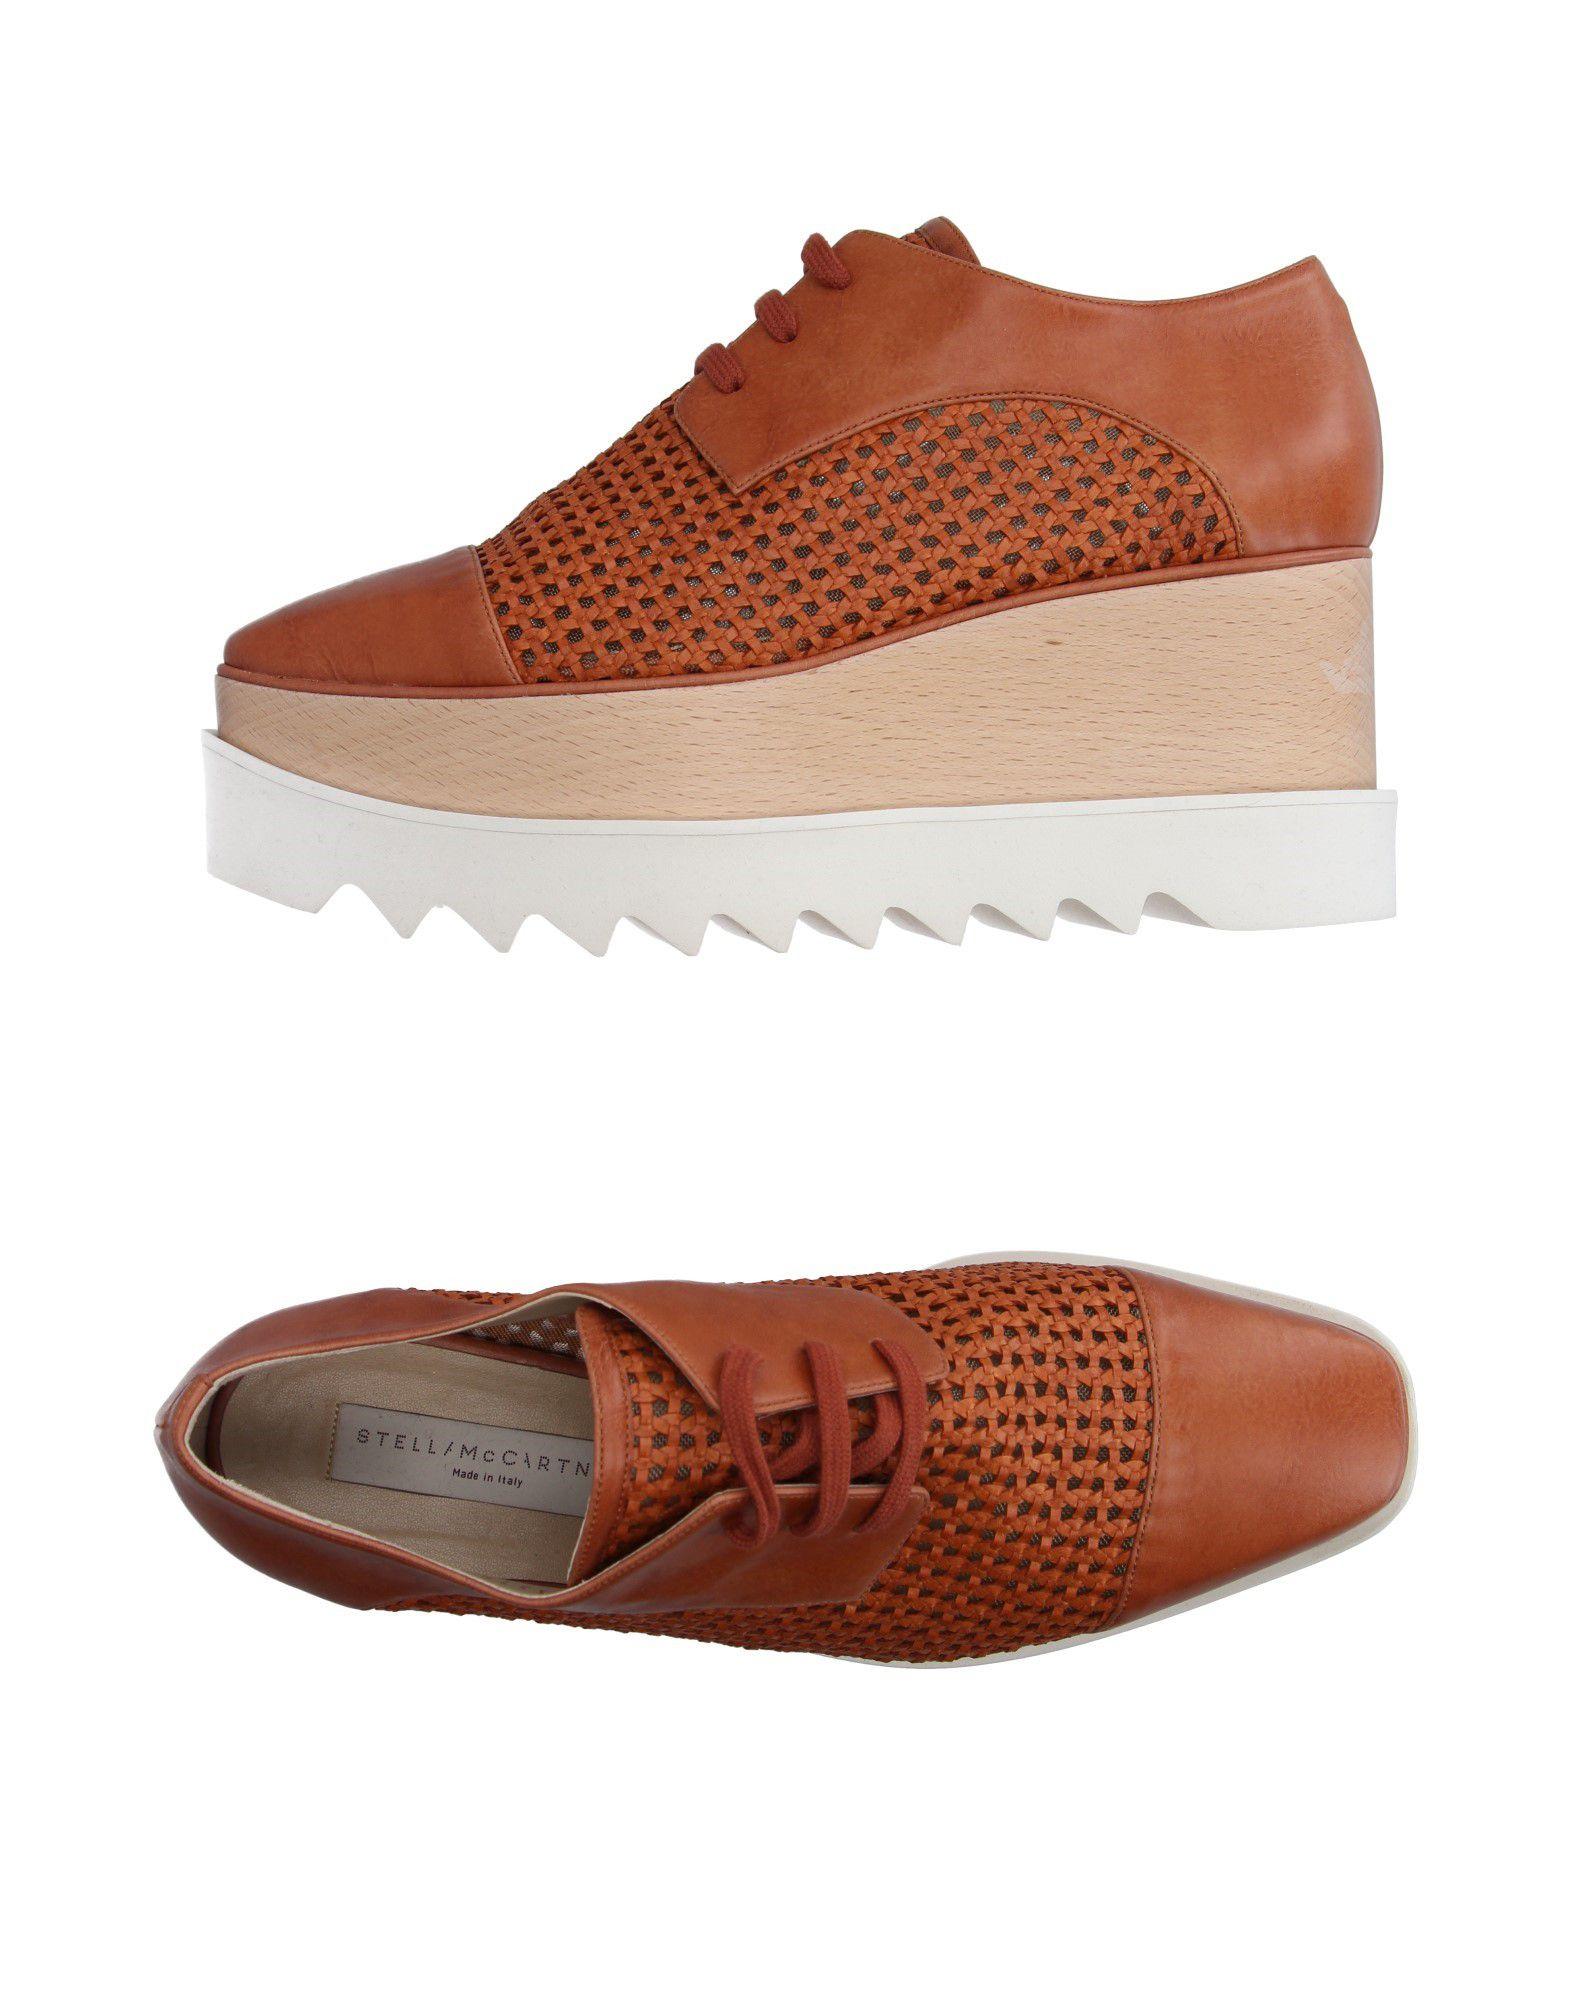 Stella Mccartney 11124480IEGünstige Schnürschuhe Damen  11124480IEGünstige Mccartney gut aussehende Schuhe 997c2c